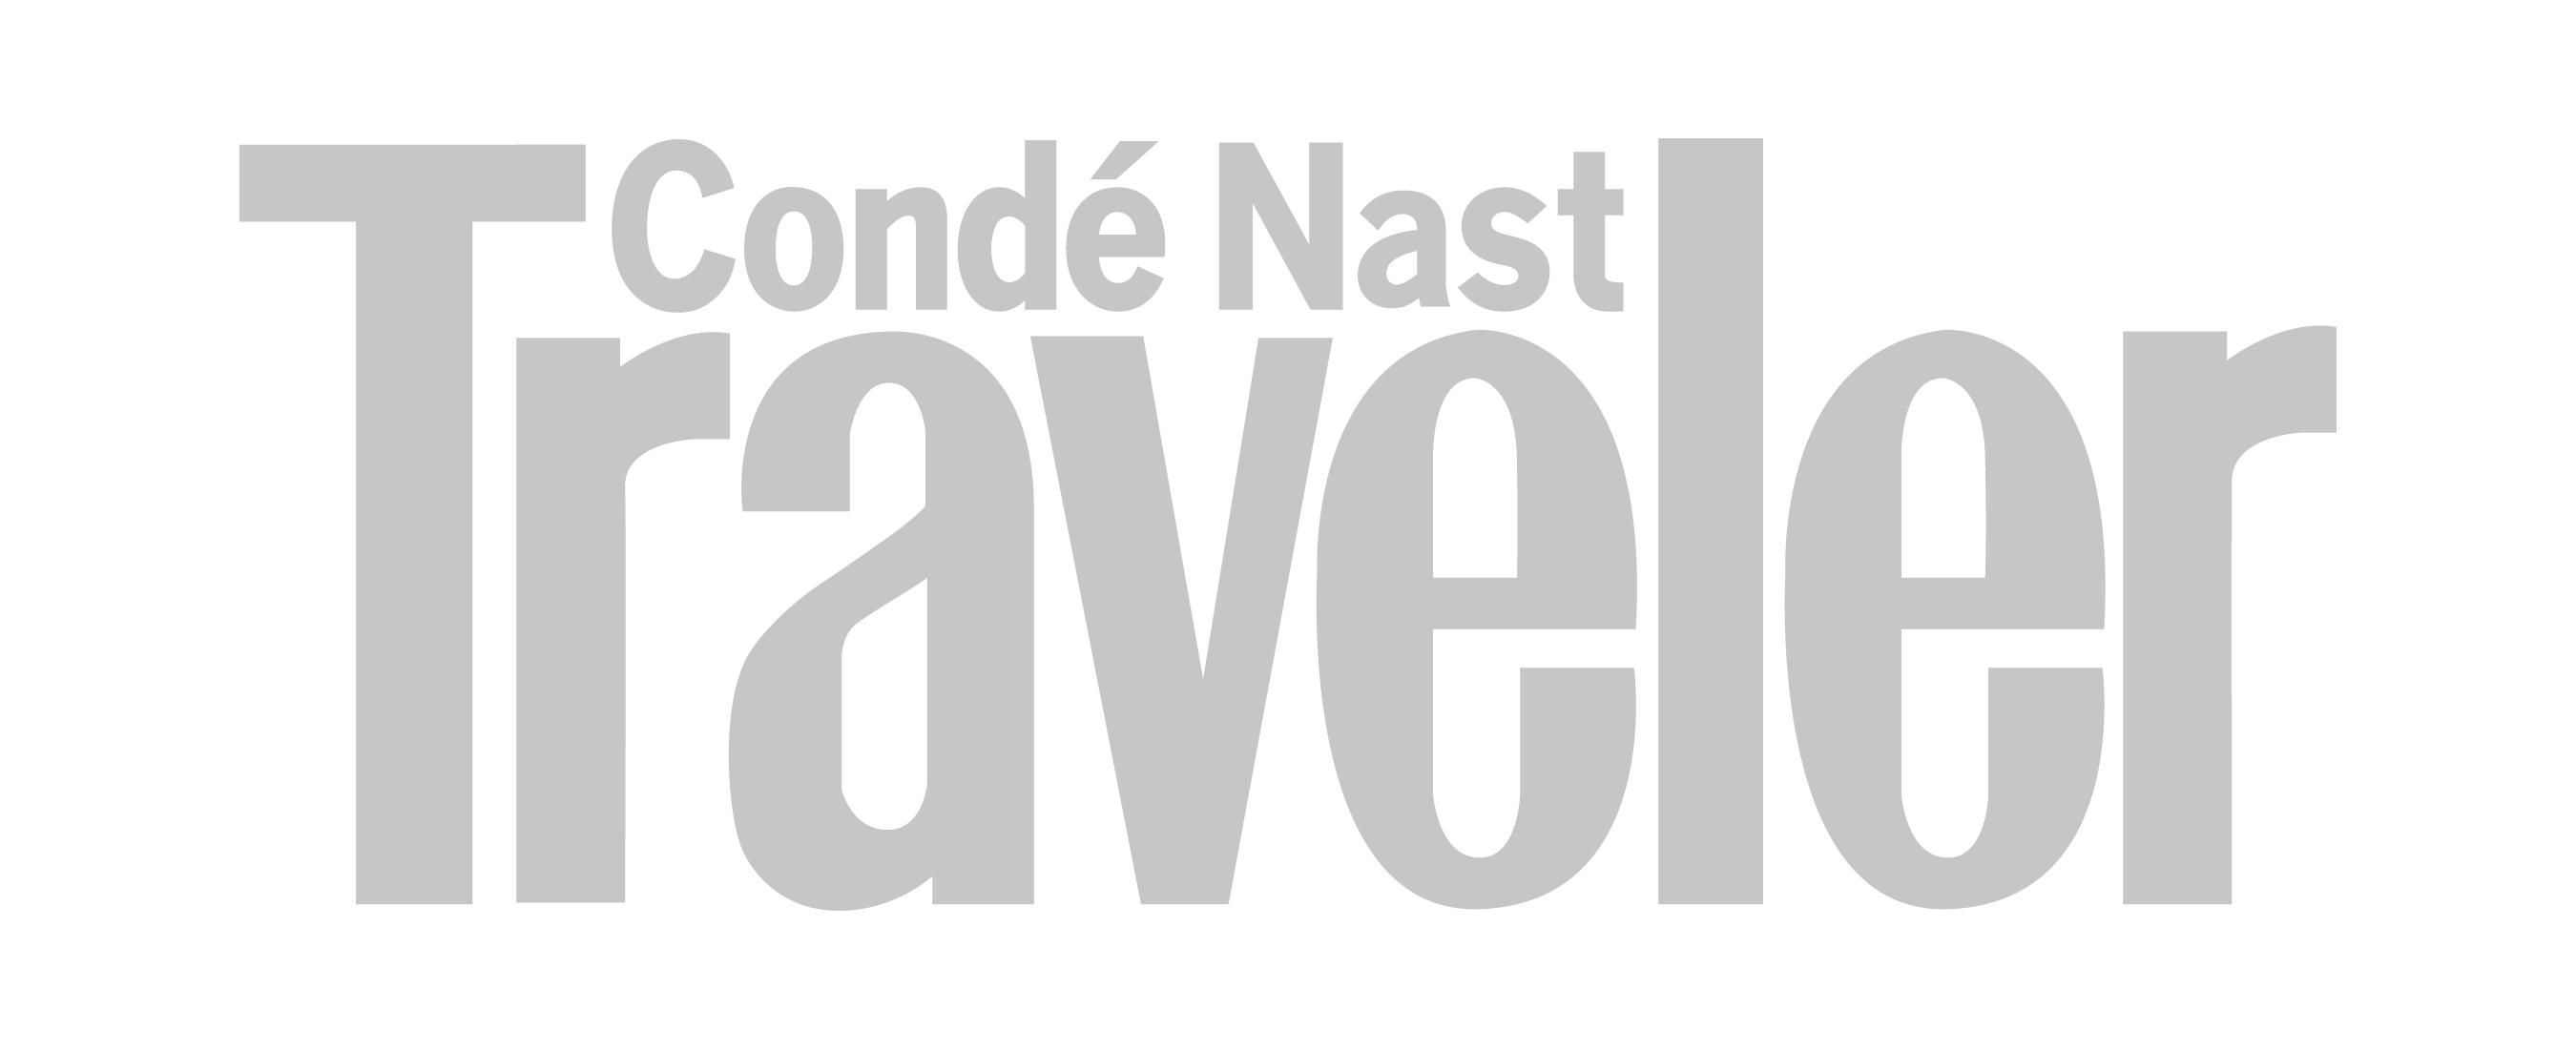 logotipo CondeNast Traveler